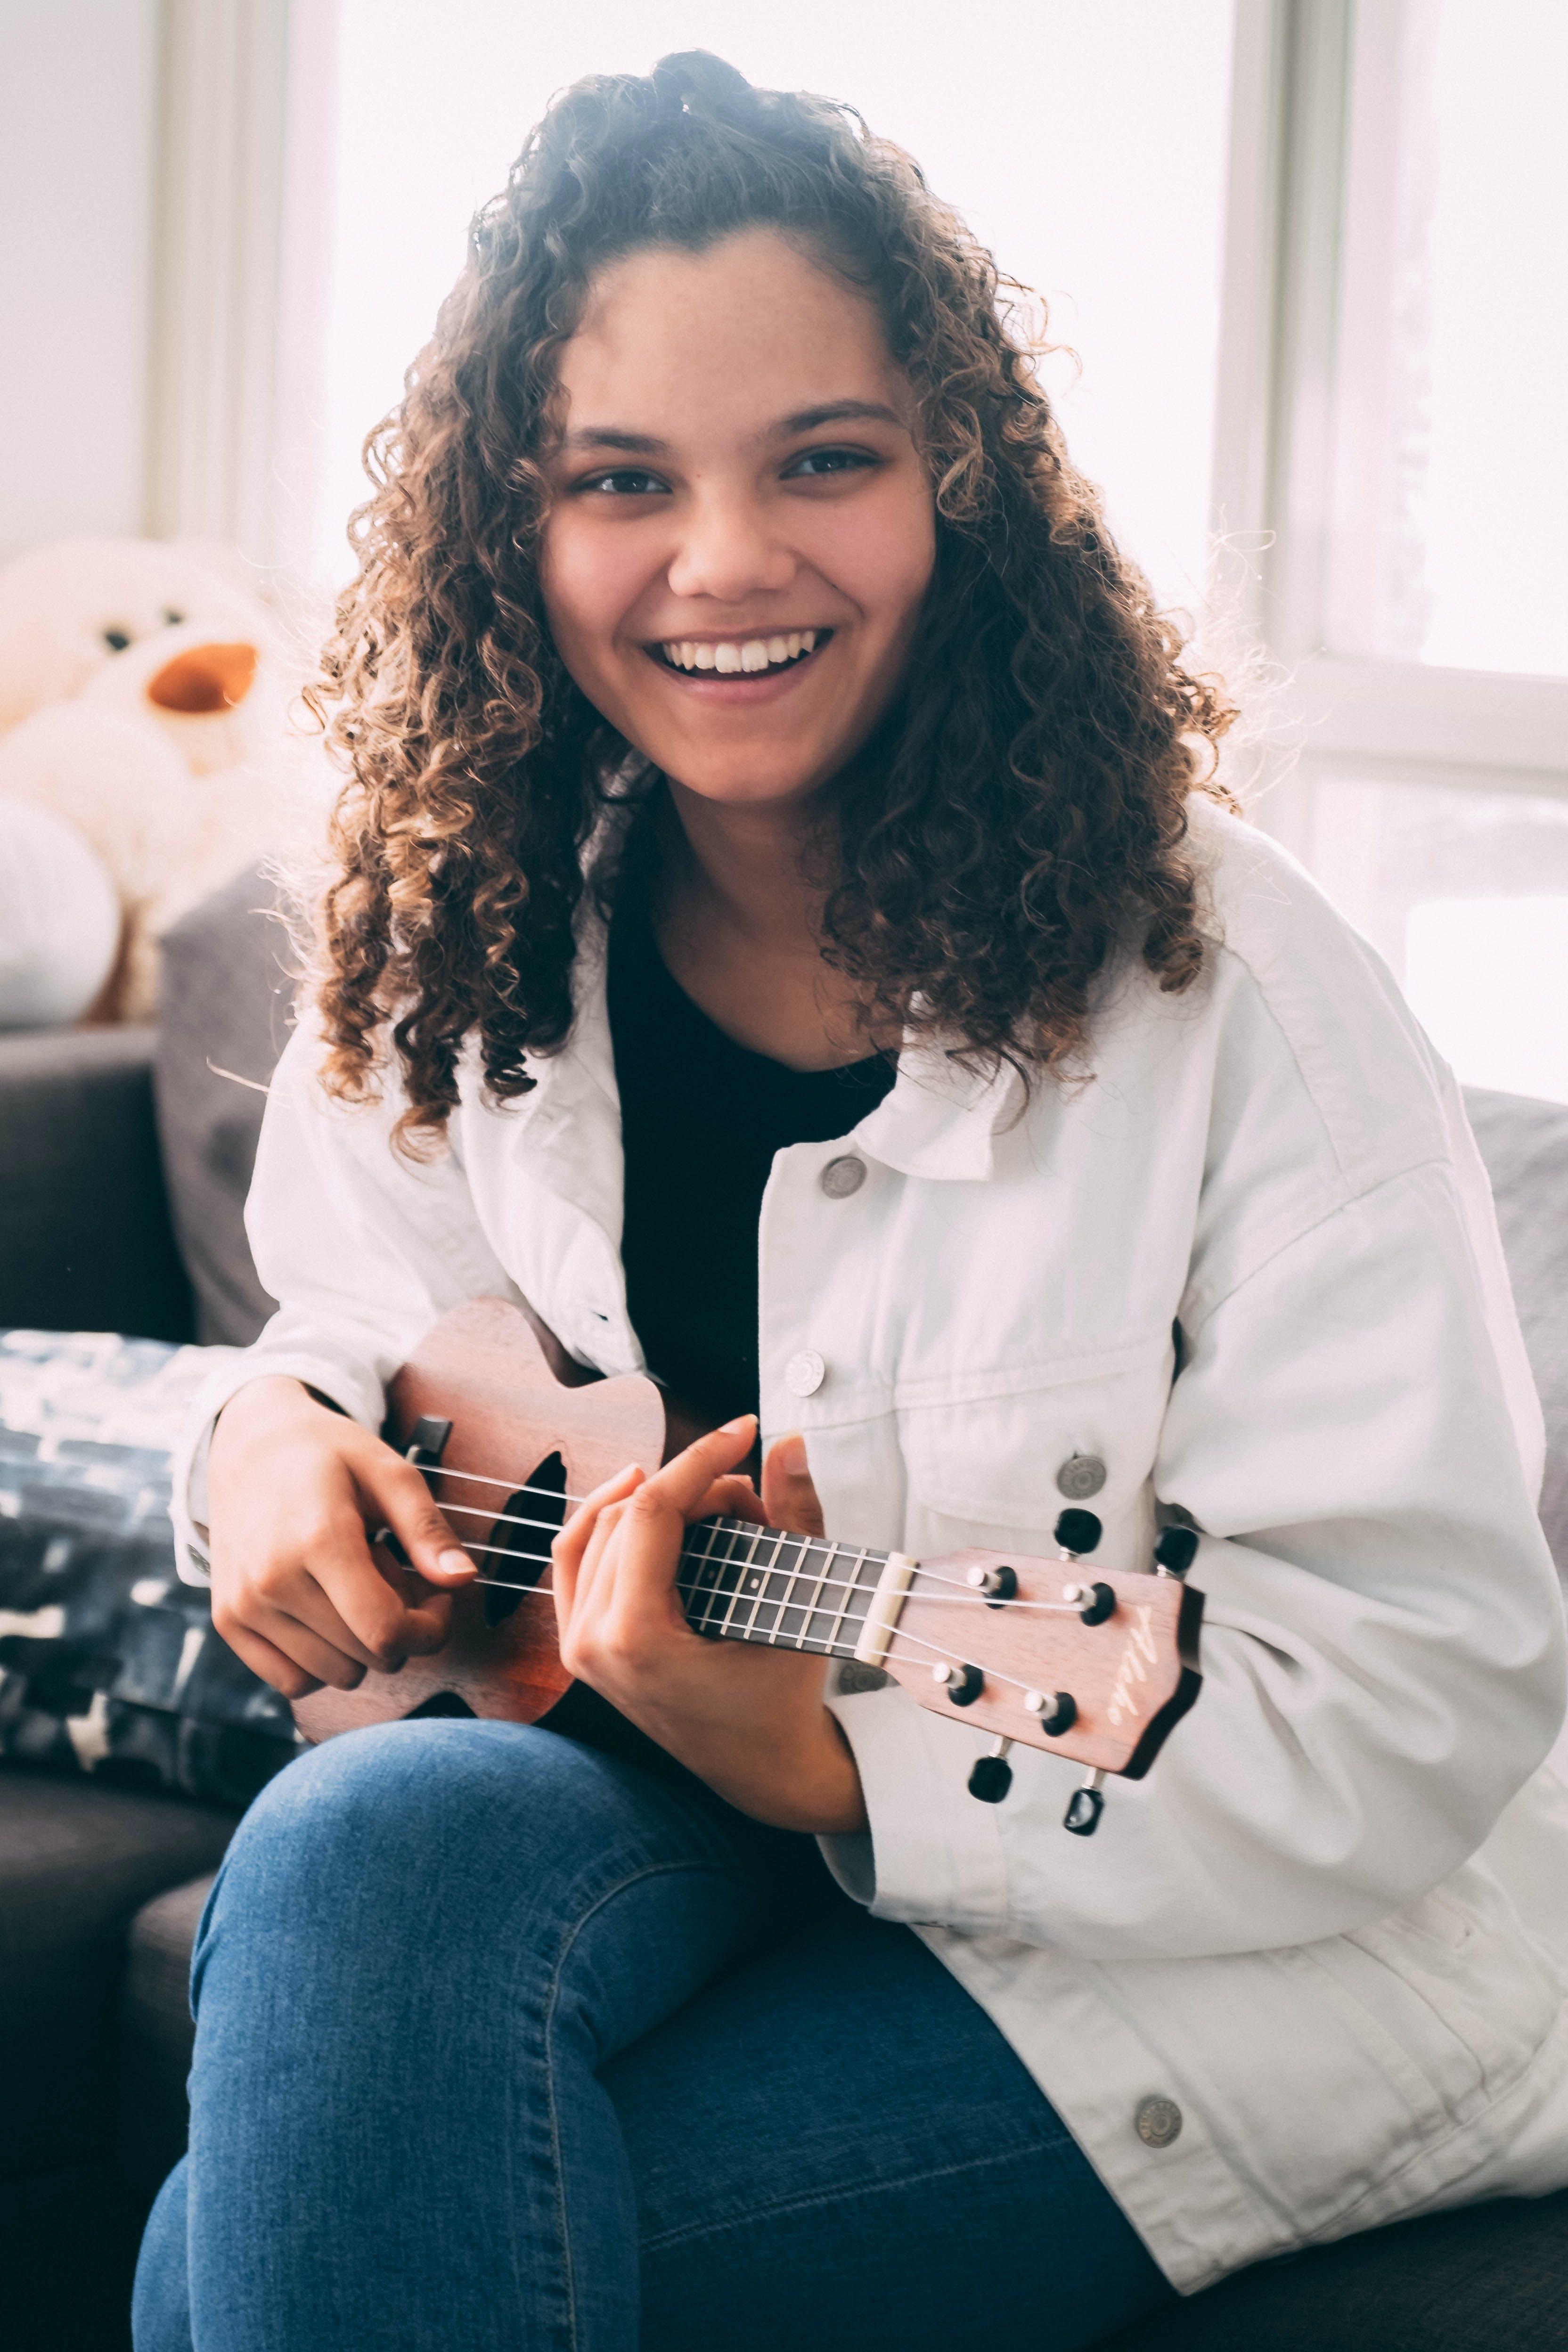 Kostenloses Stock Foto zu gitarre, haar, jeans, lachen